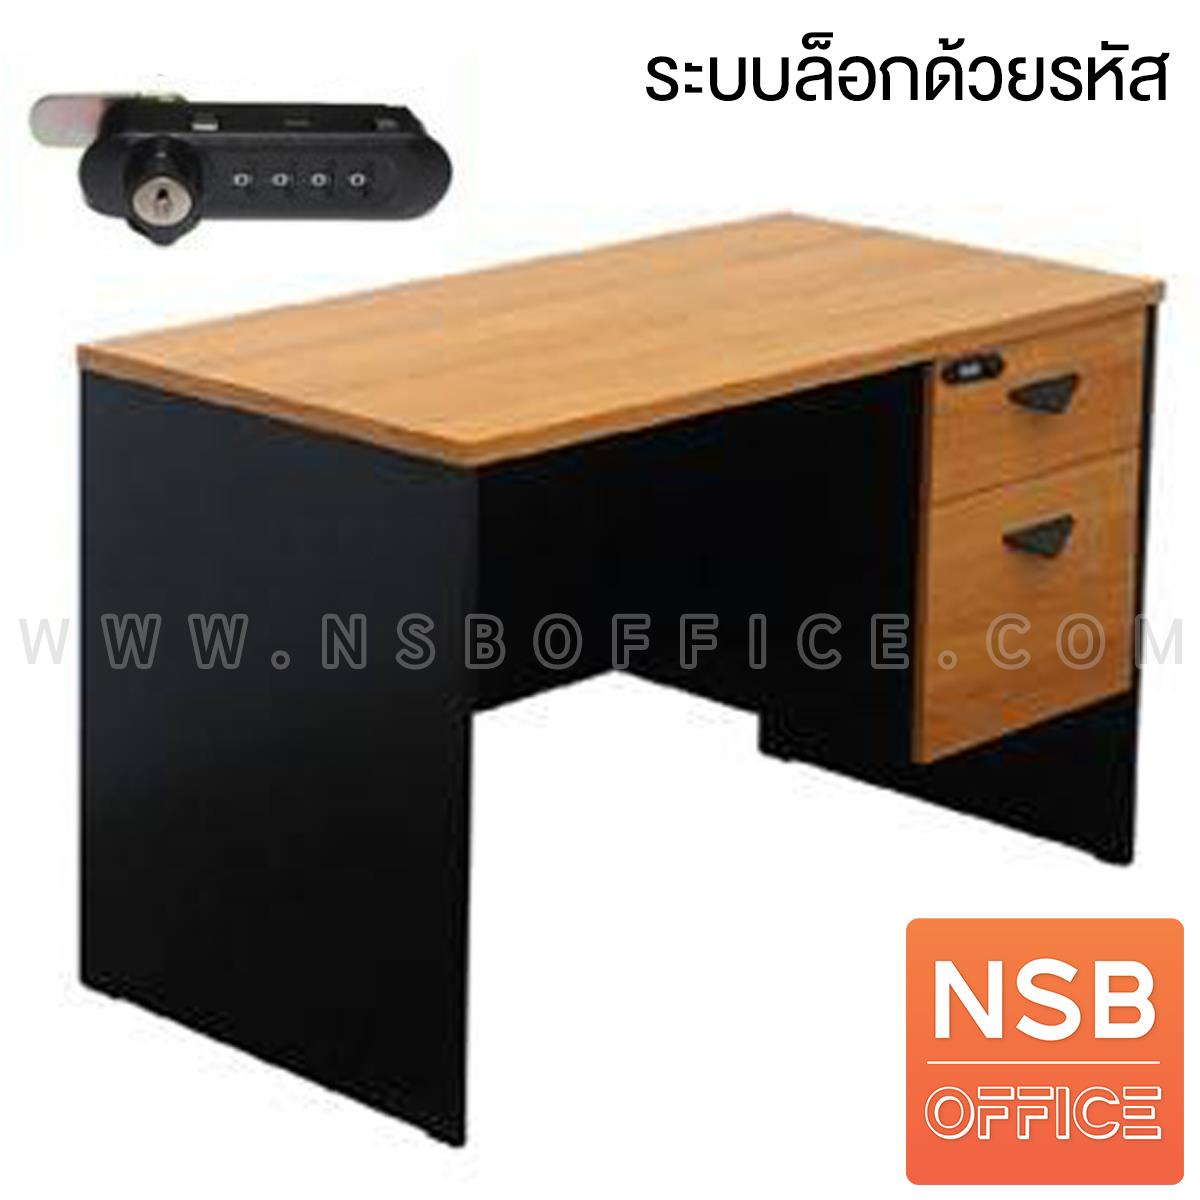 A12A076:โต๊ะทำงาน 2 ลิ้นชัก  รุ่น Guy (กาย) ขนาด 120W cm. ระบบล็อกด้วยรหัส